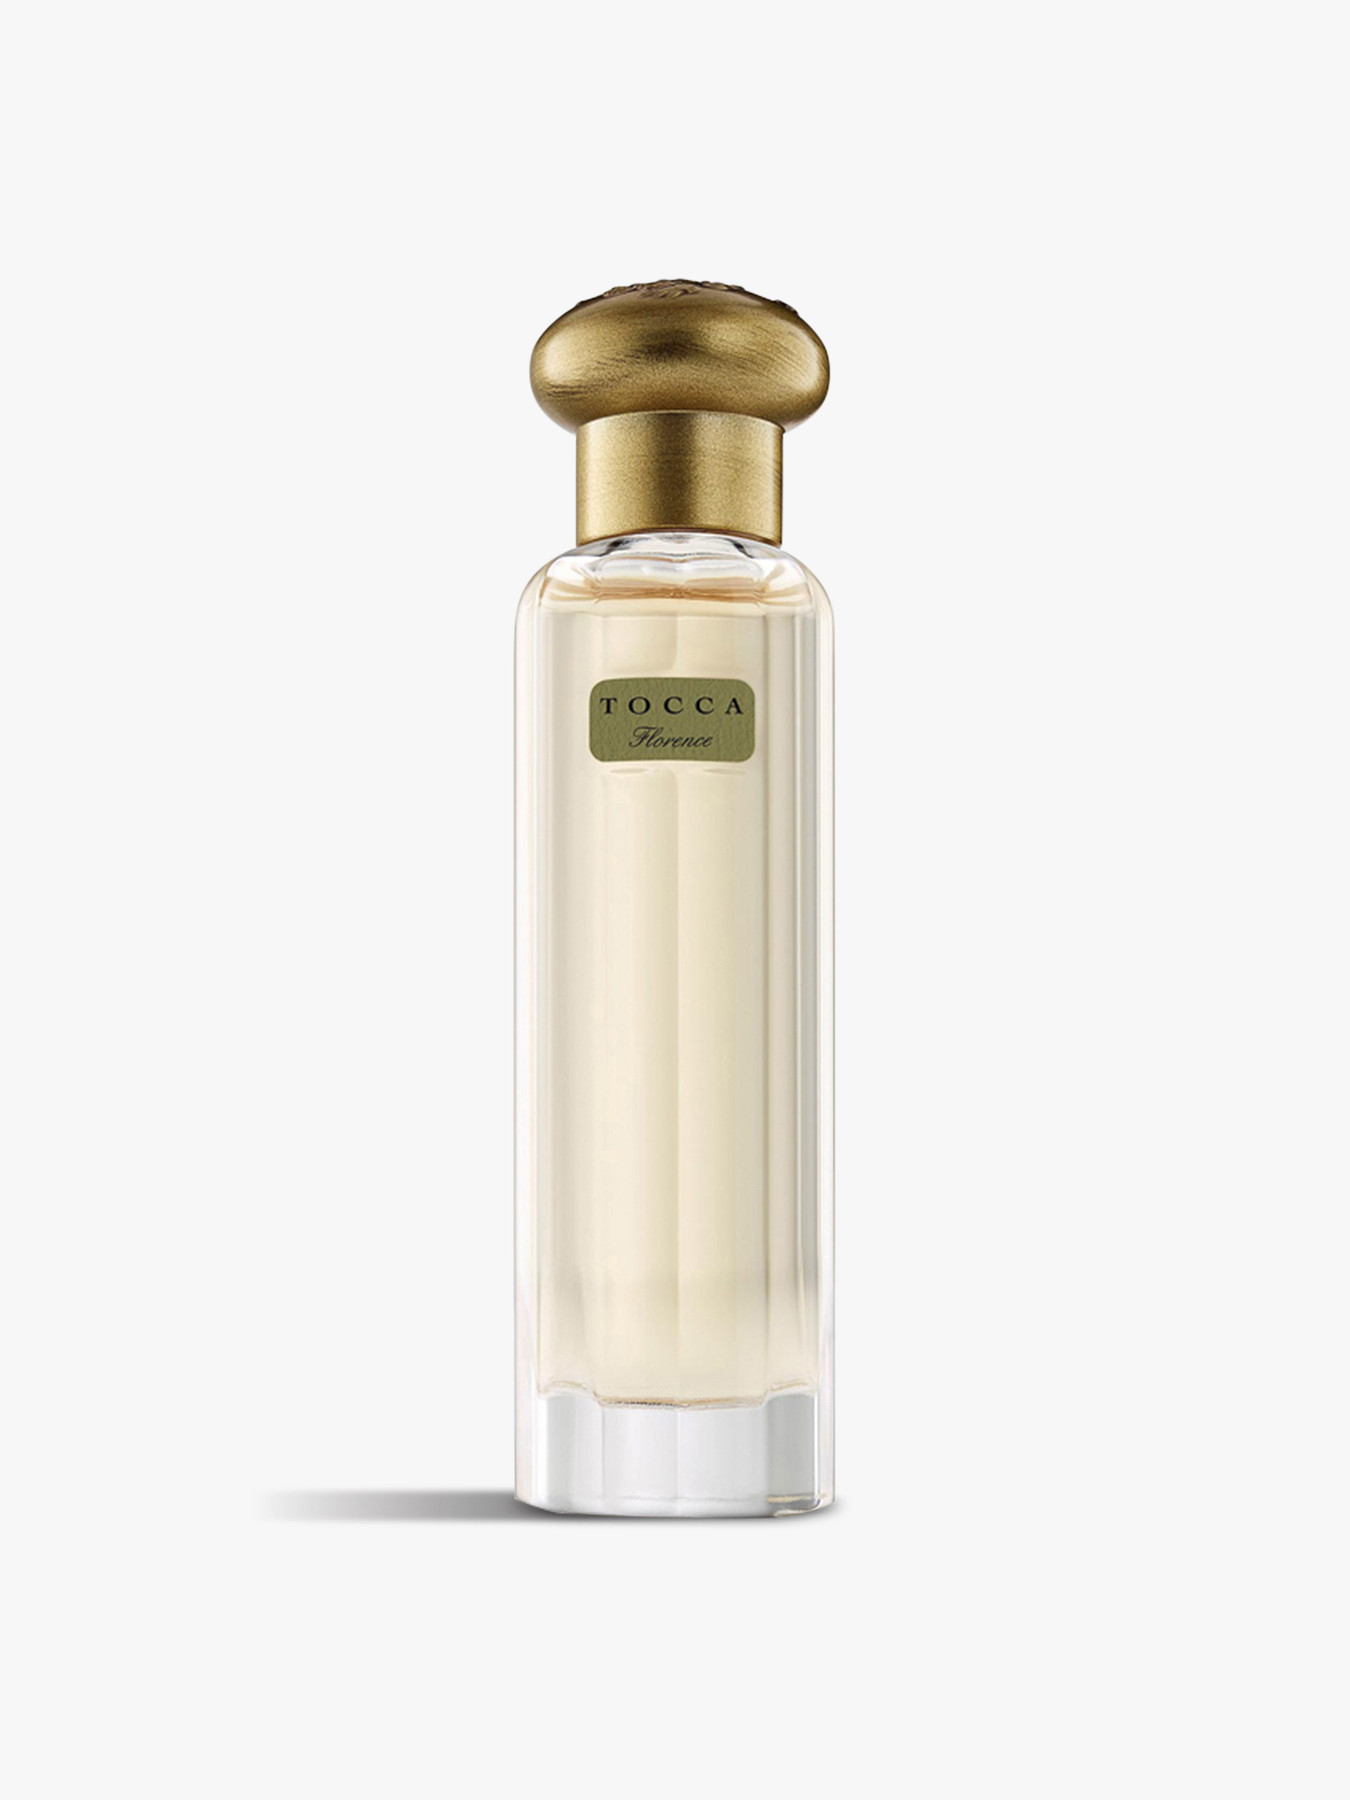 Tocca Florence Eau de Parfum Travel Spray 20 ml   Women's